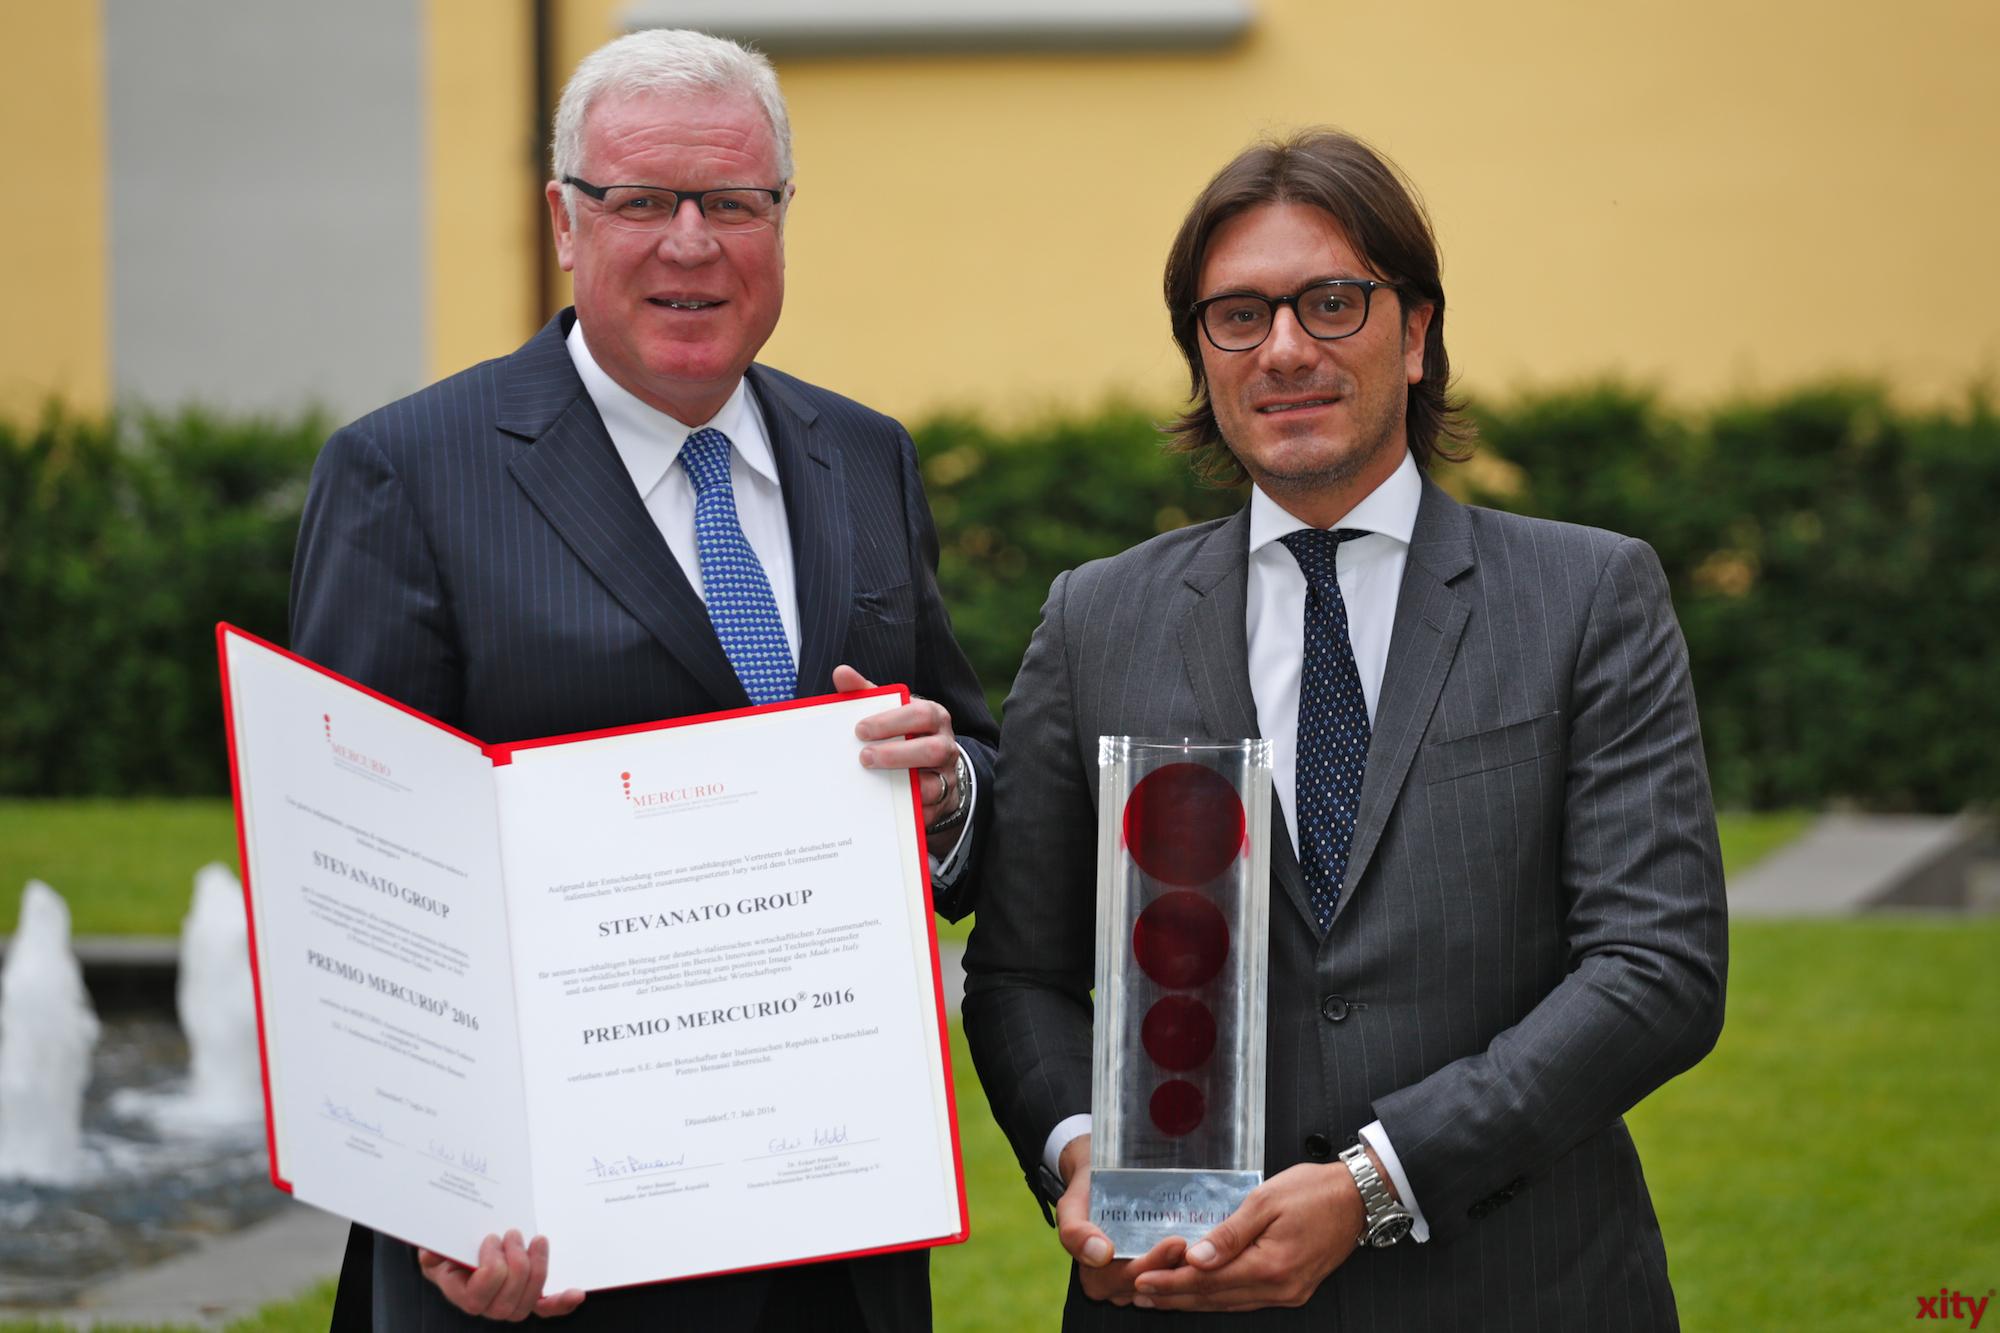 Preisverleihung des Premio Mercurio (Foto: xity)